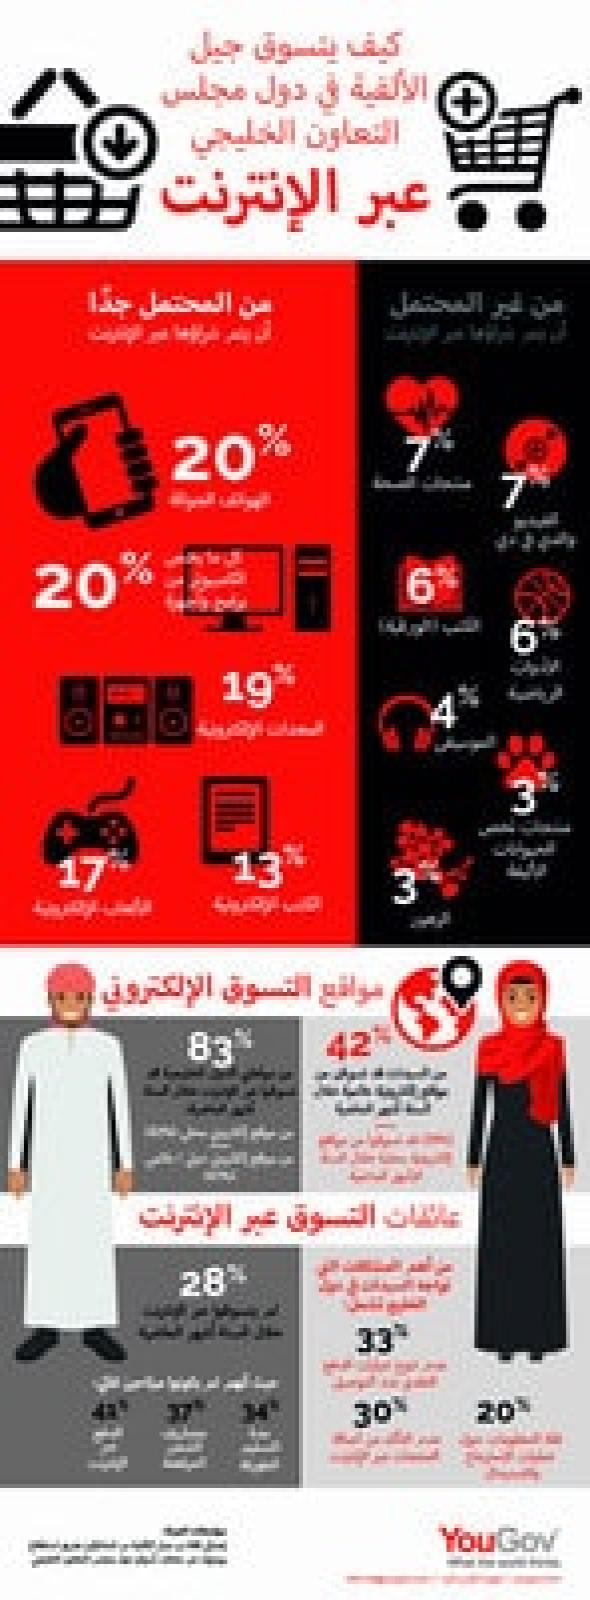 How do GCC Millennials Shop online?